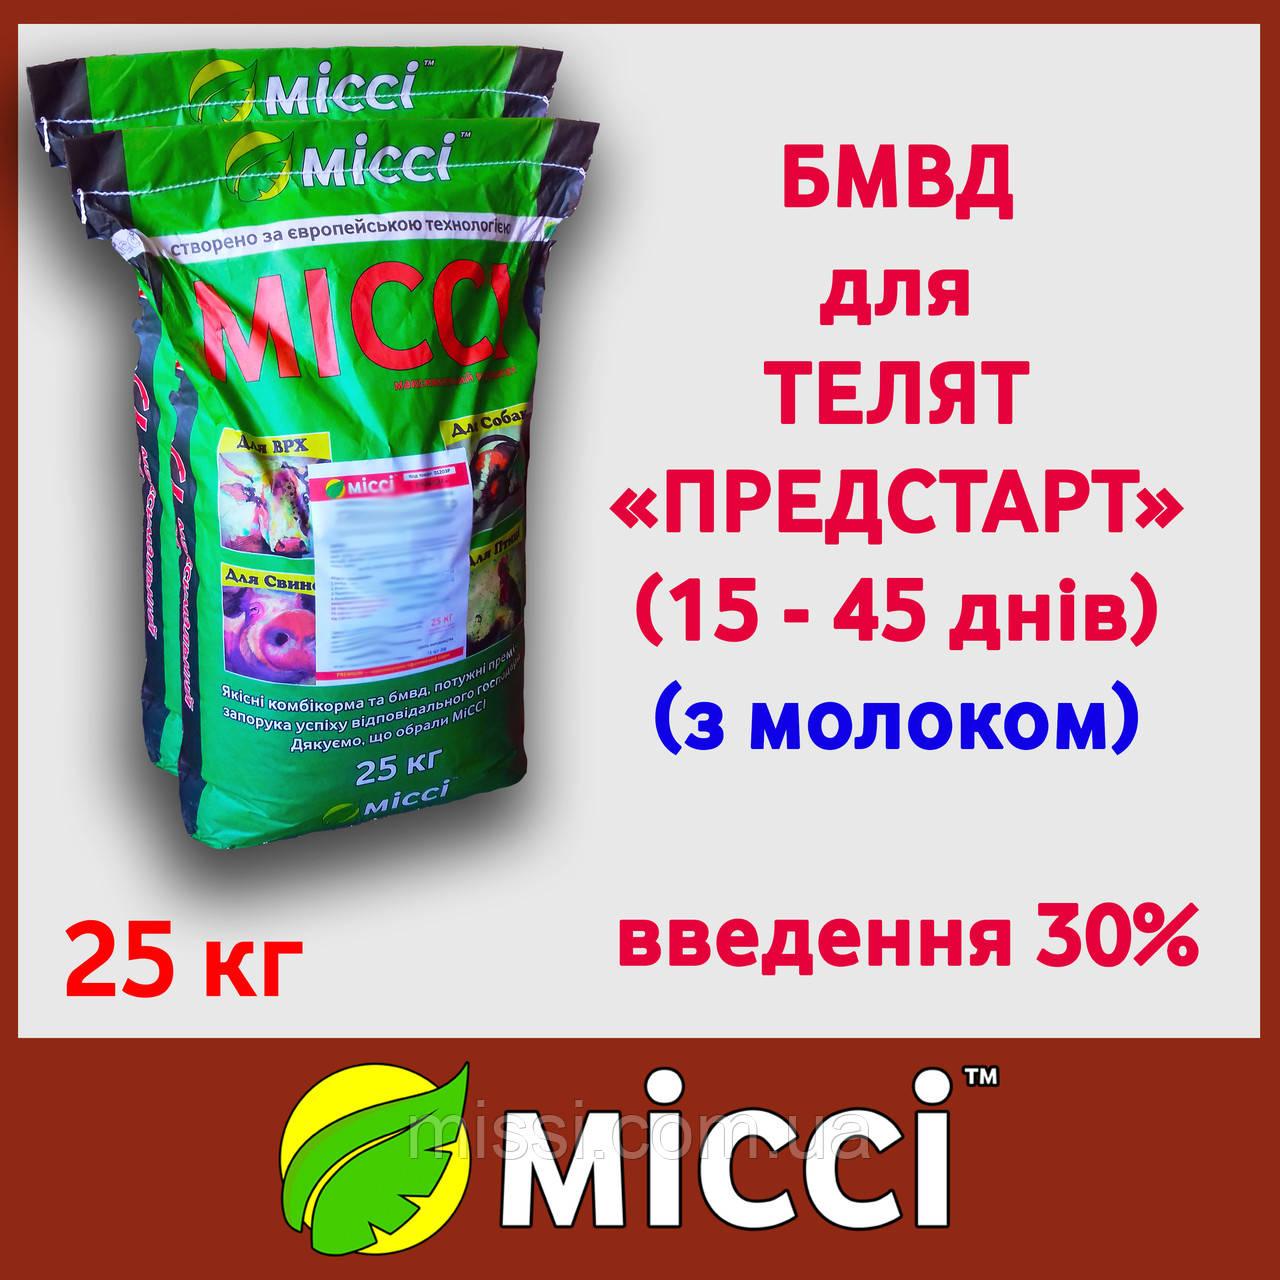 БМВД предстарт 30%  для телят (упаковка 25кг), МІссі